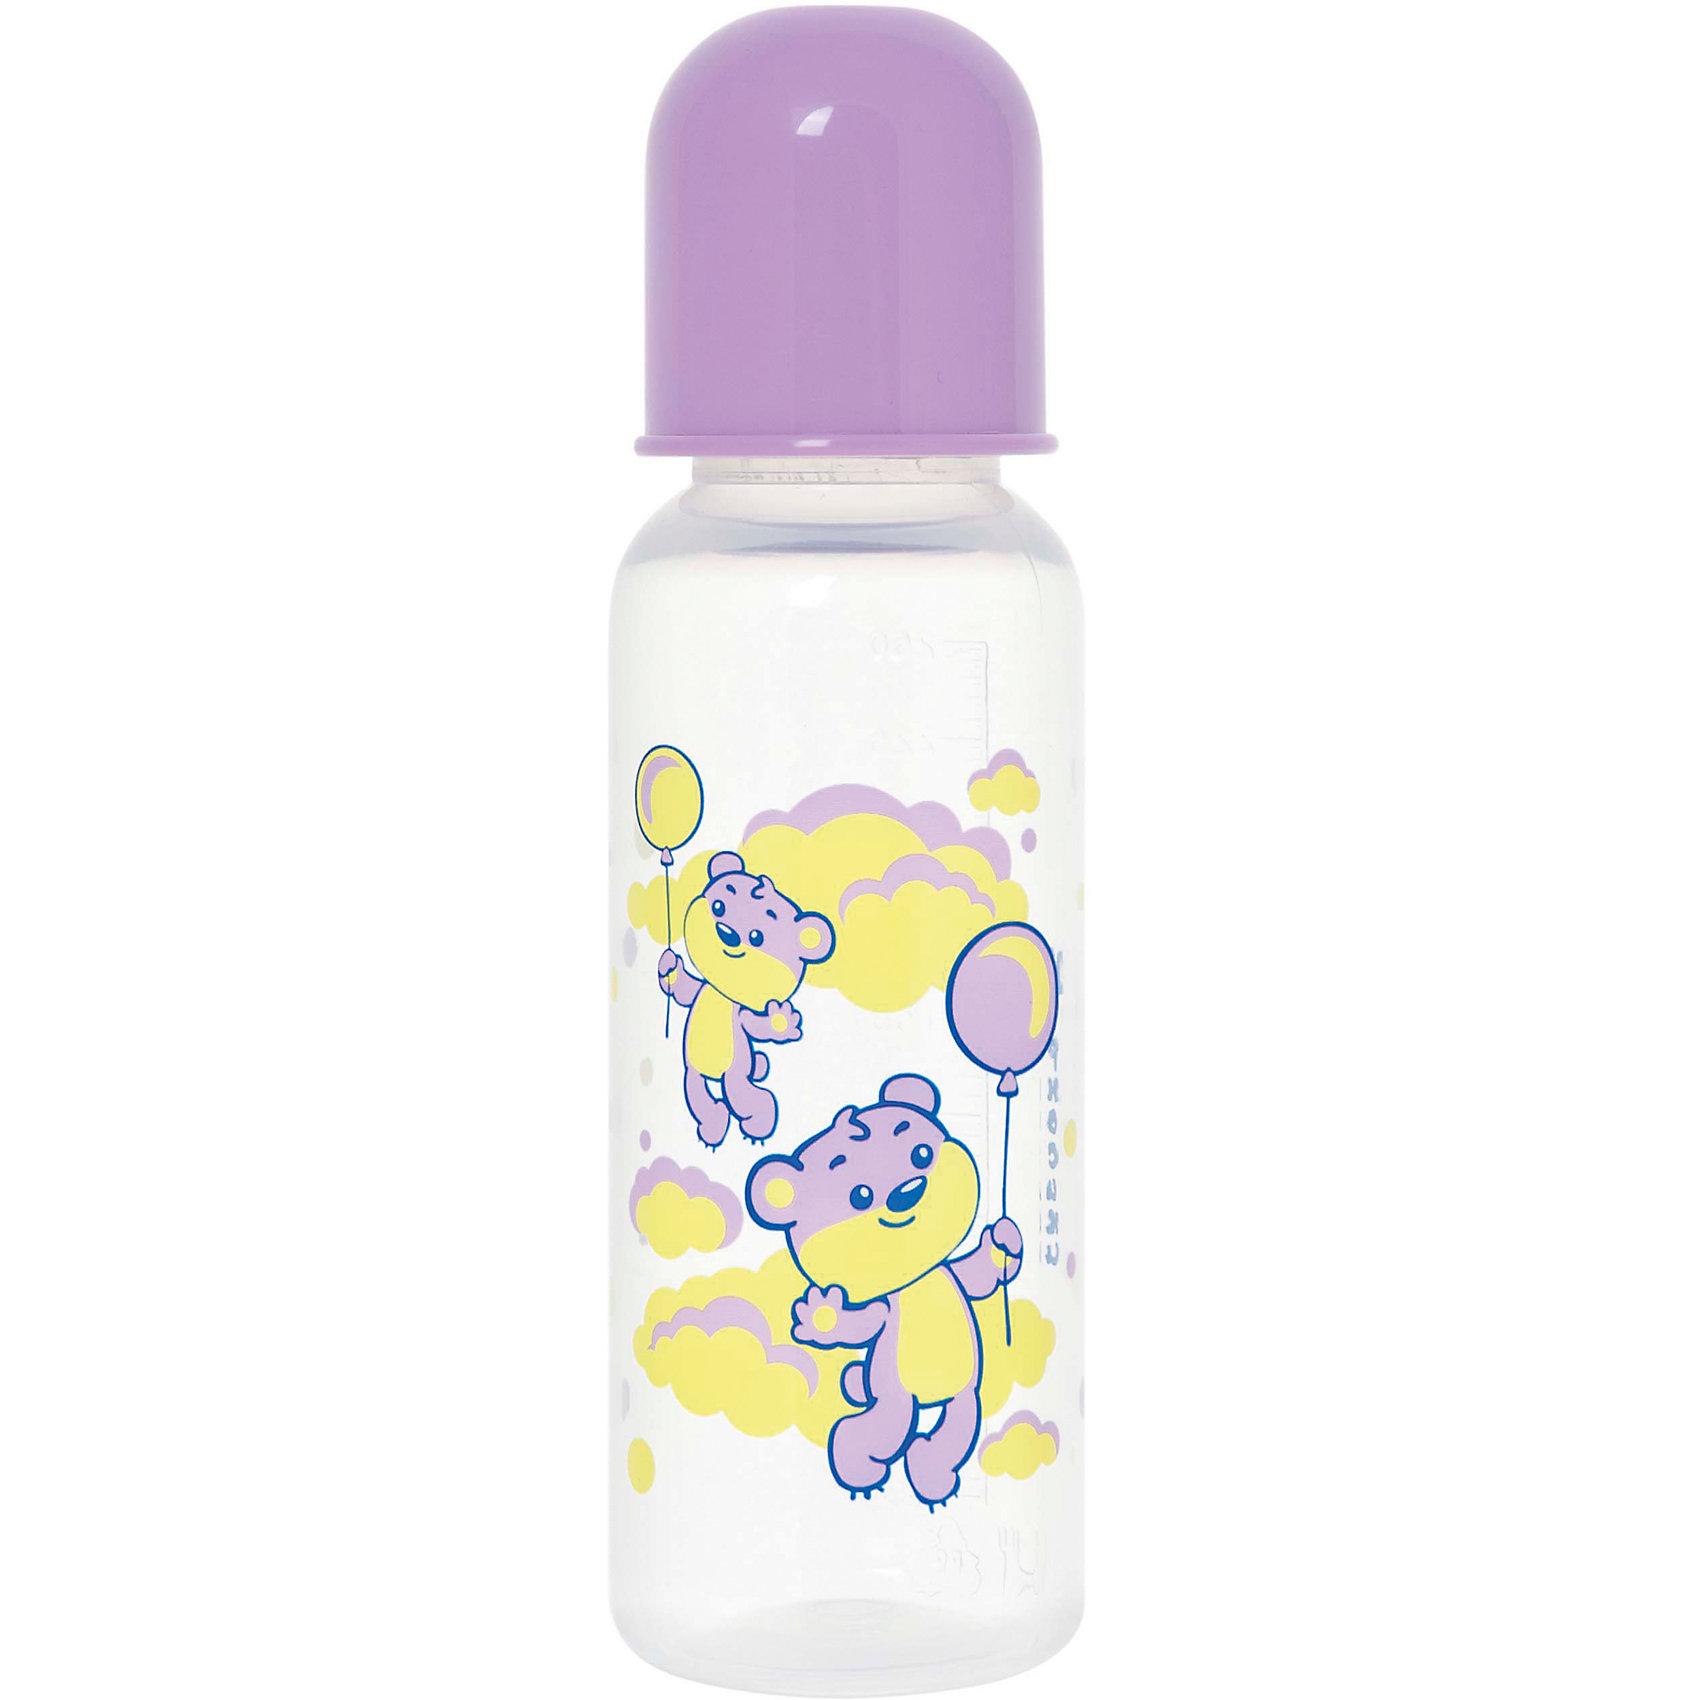 Бутылочка с латексной соской Мои любимые животные, 250 мл, Kurnosiki, фиолетовыйБутылочки и аксессуары<br>Характеристики:<br><br>• Наименование: бутылка для кормления<br>• Рекомендуемый возраст: от 0 месяцев<br>• Пол: для девочки<br>• Объем: 250 мл<br>• Материал: латекс, пластик<br>• Цвет: фиолетовый<br>• Серия: Мои любимые животные<br>• Форма соски: классическая<br>• Поток у соски: медленный<br>• Комплектация: бутылочка, соска, колпачок<br>• Эргономичная форма бутылки<br>• Узкое горлышко<br>• Вес: 110 г<br>• Можно использовать в СВЧ и посудомоечной машине<br>• Особенности ухода: регулярная стерилизация и своевременная замена соски<br><br>Бутылочка с латексной соской Мои любимые животные, 250 мл, Kurnosiki, желтый выполнена из прочного и жароустойчивого пластика, на котором не появляются царапины и сколы. У бутылочки узкое горлышко. Форма – эргономическая, ее удобно держать в руках малышу. Латексная соска классической формы длительное время сохраняет свои свойства: не рассасывается и не меняет форму. <br><br>Изделие выполнено в брендовом дизайне: на бутылочку нанесено изображение одного из героев серии – тигренка. Рисунок устойчив к выцветанию и истиранию. Бутылочка с латексной соской Мои любимые животные, 250 мл, Kurnosiki, желтый – это практичный и стильный предмет для кормления малыша!<br><br>Бутылочку с латексной соской Мои любимые животные, 250 мл, Kurnosiki, желтый можно купить в нашем интернет-магазине.<br><br>Ширина мм: 60<br>Глубина мм: 80<br>Высота мм: 210<br>Вес г: 78<br>Возраст от месяцев: 0<br>Возраст до месяцев: 18<br>Пол: Женский<br>Возраст: Детский<br>SKU: 5428776